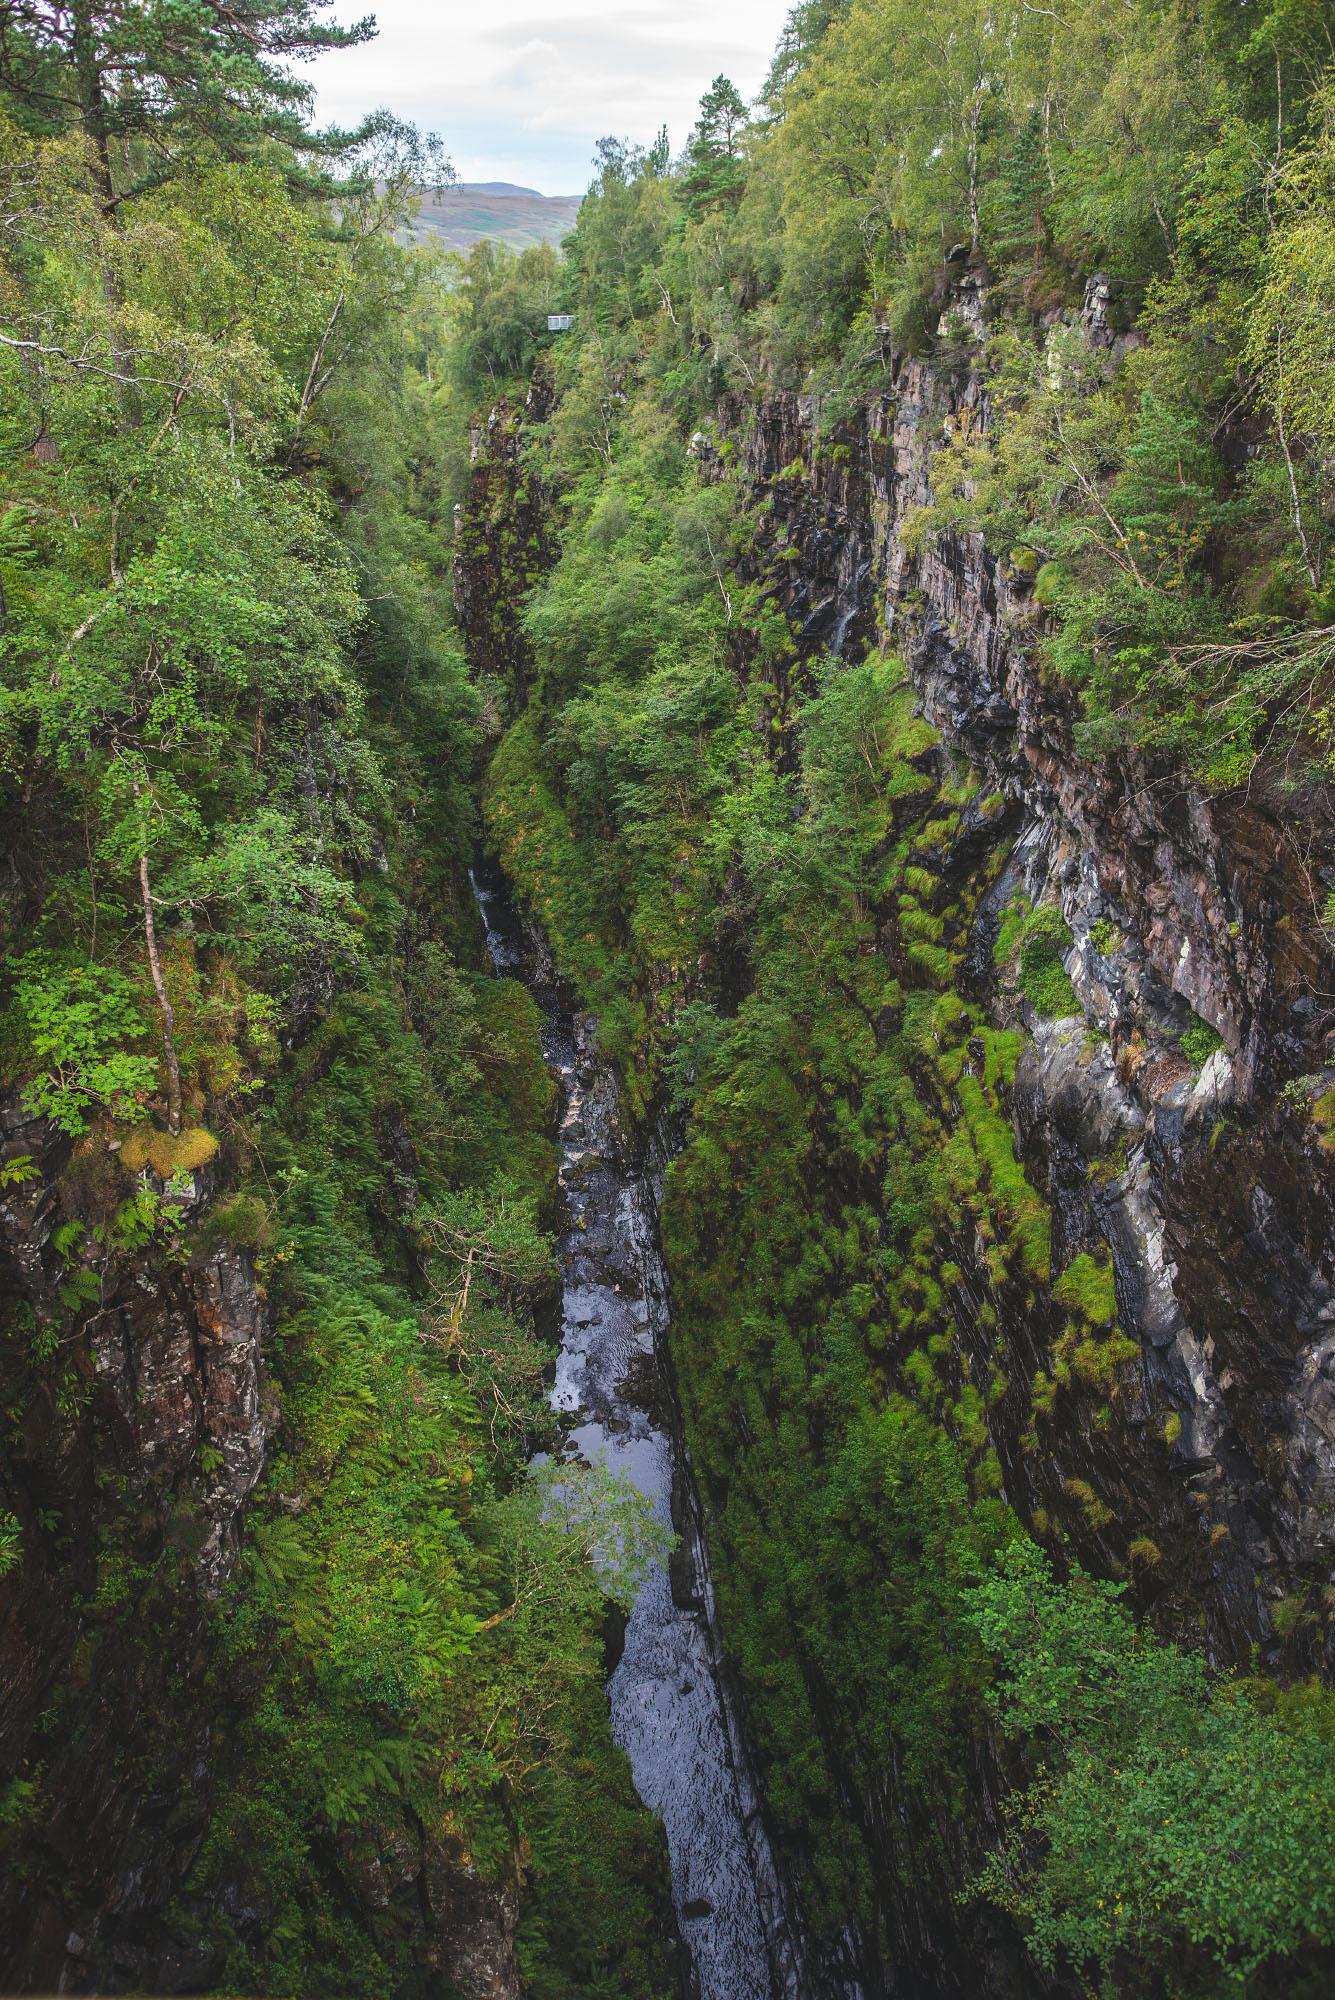 Von wegen hässlich: Diie Corrieschalloch Gorge ist durch ihre Tiefe sehr beeindruckend - vor allem, wenn man direkt darüber steht.